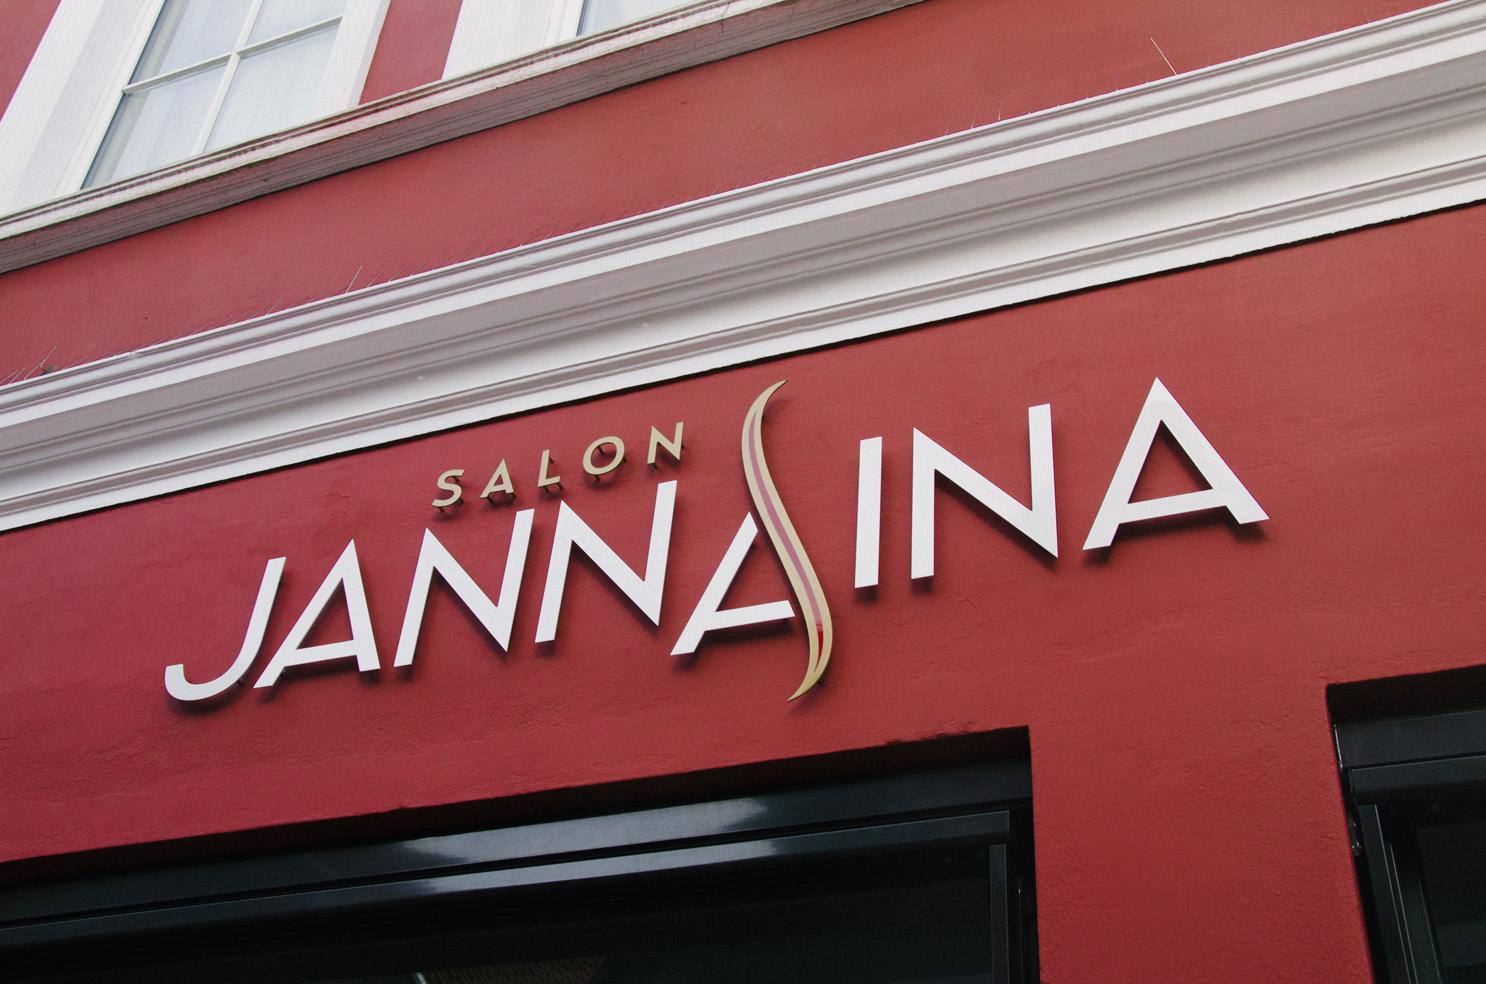 SALON-JANNAINA-salon (33).jpg